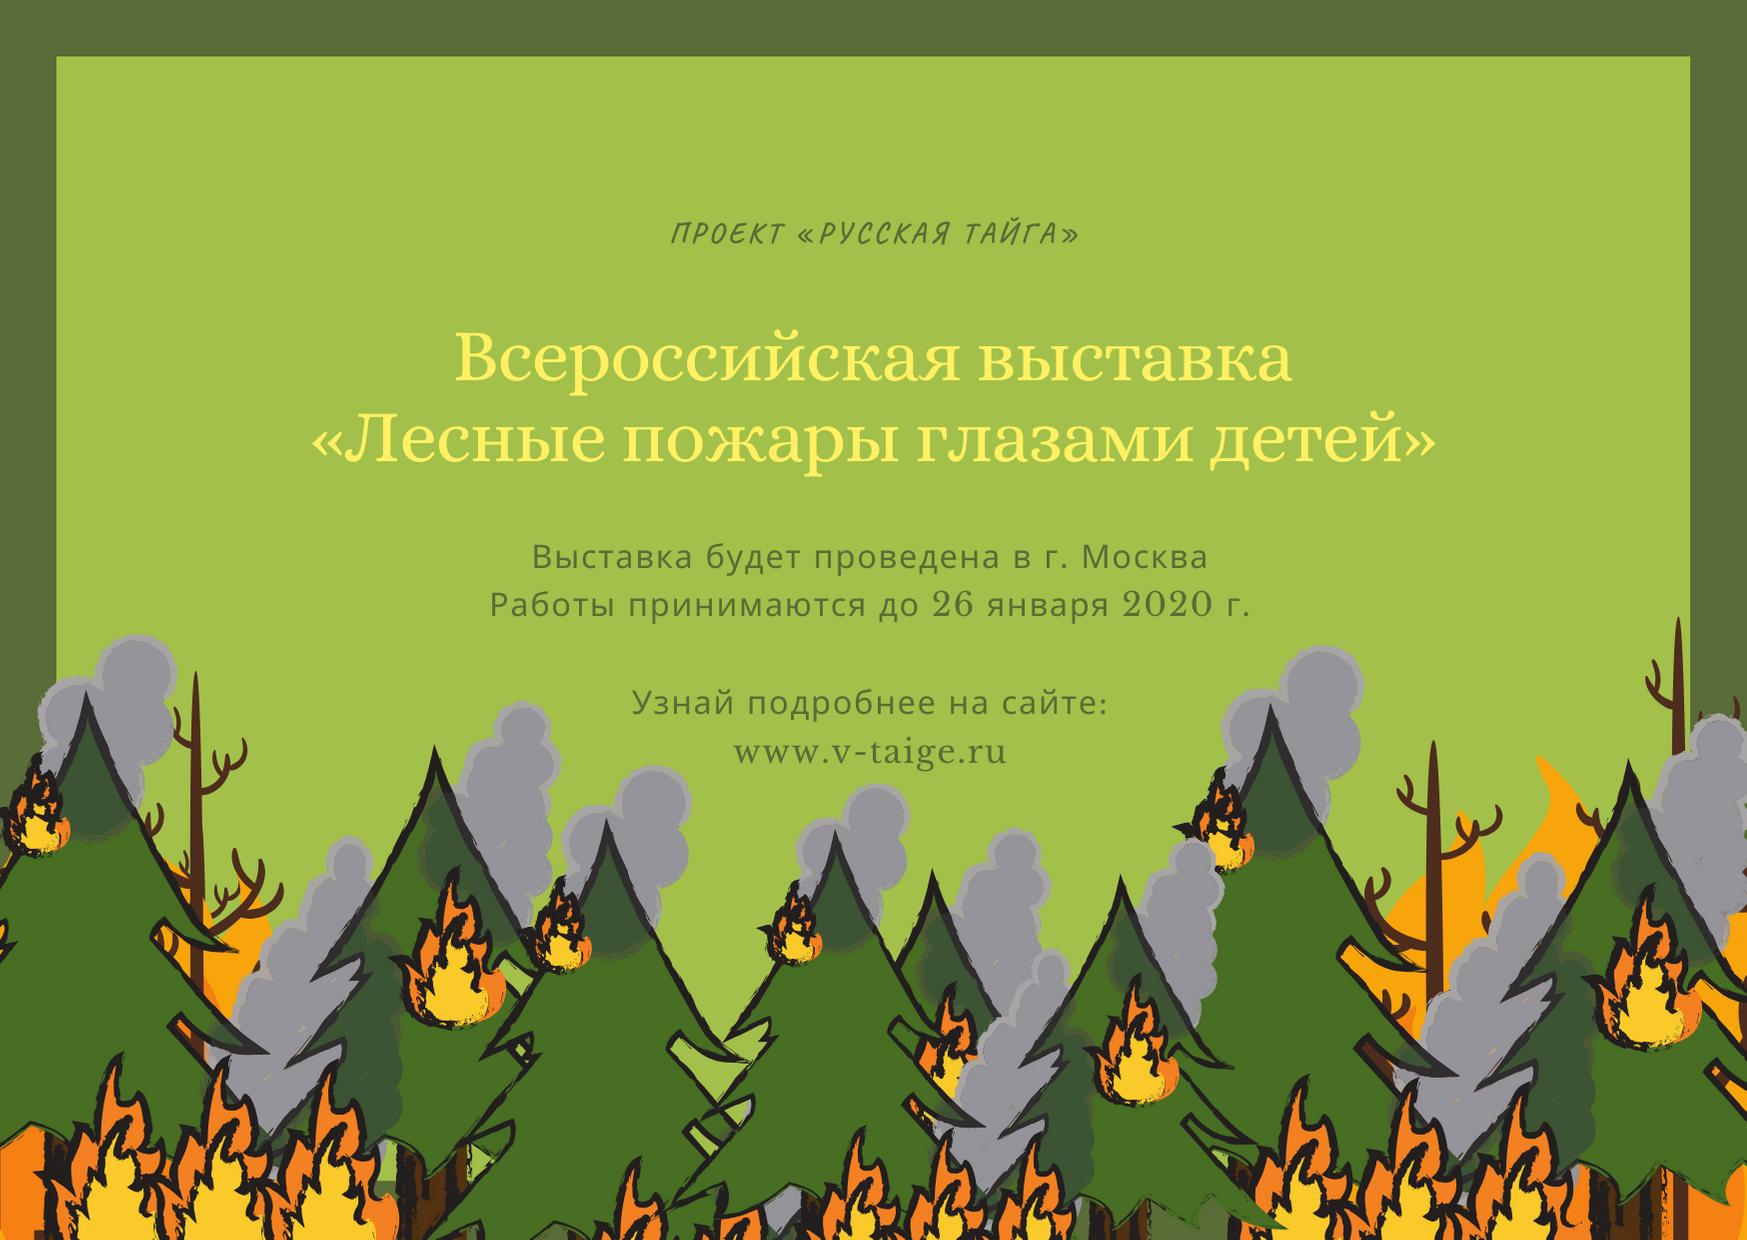 Всероссийская выставка детских рисунков «Лесные пожары глазами детей»